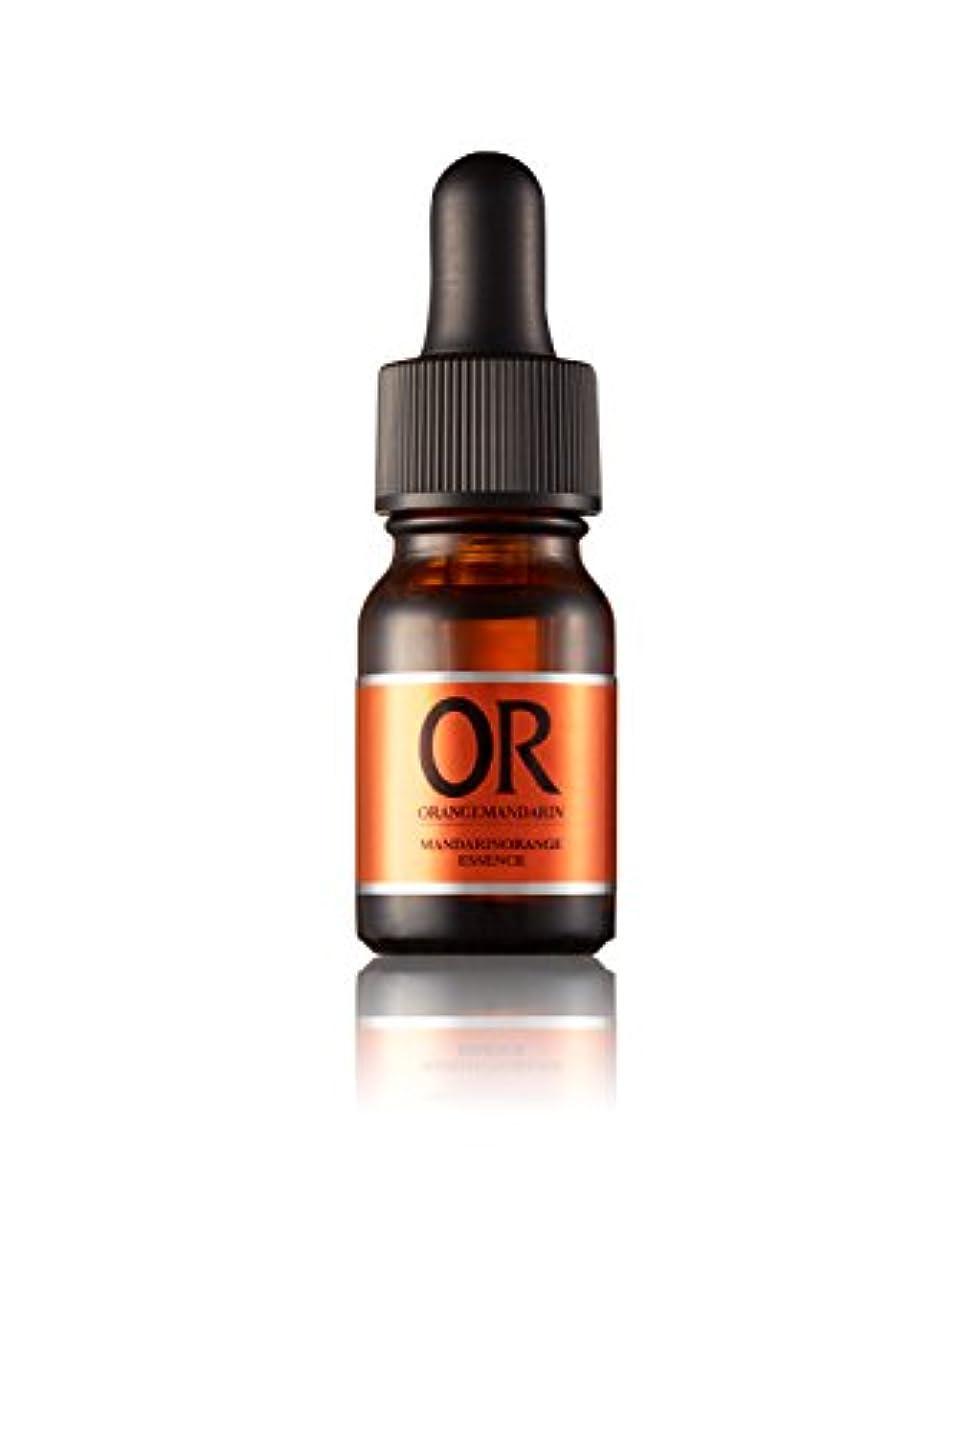 奇妙なステップトイレエビス化粧品(EBiS) オラージュマンダリン (10ml)毛穴ケア 美容原液 マンダリンオレンジ果皮抽出液 毛穴のための美容液